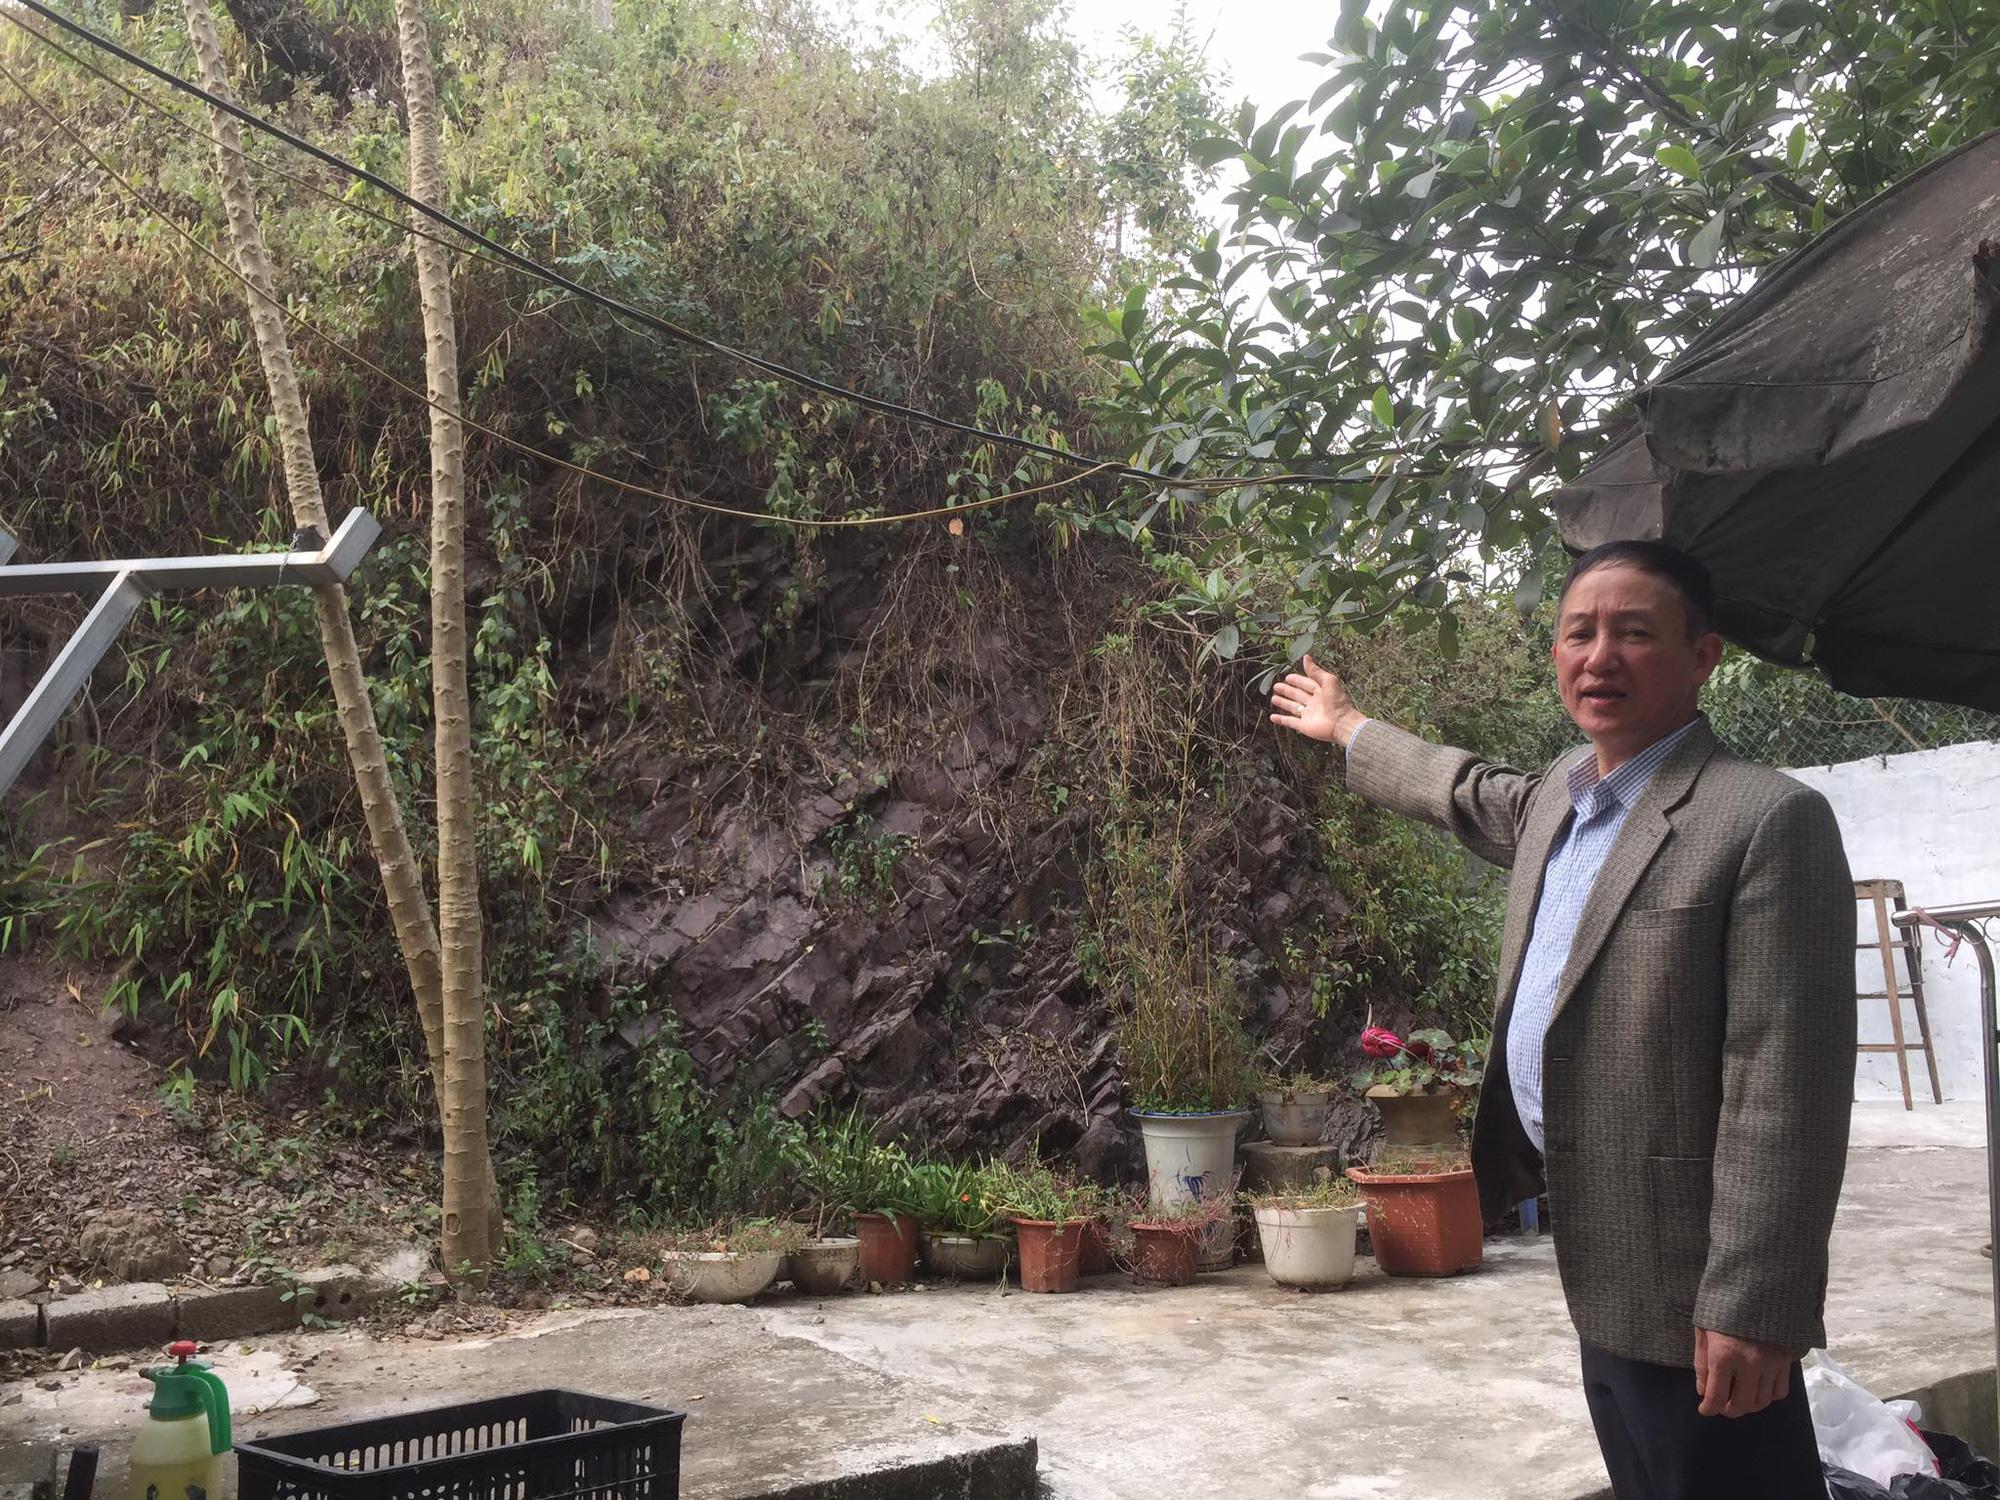 """Ninh Bình: """"Hô biến"""" diện tích đất đồi dưới hành lang lưới điện cấp trái quy định 4 sổ đỏ cho dân - Ảnh 1."""